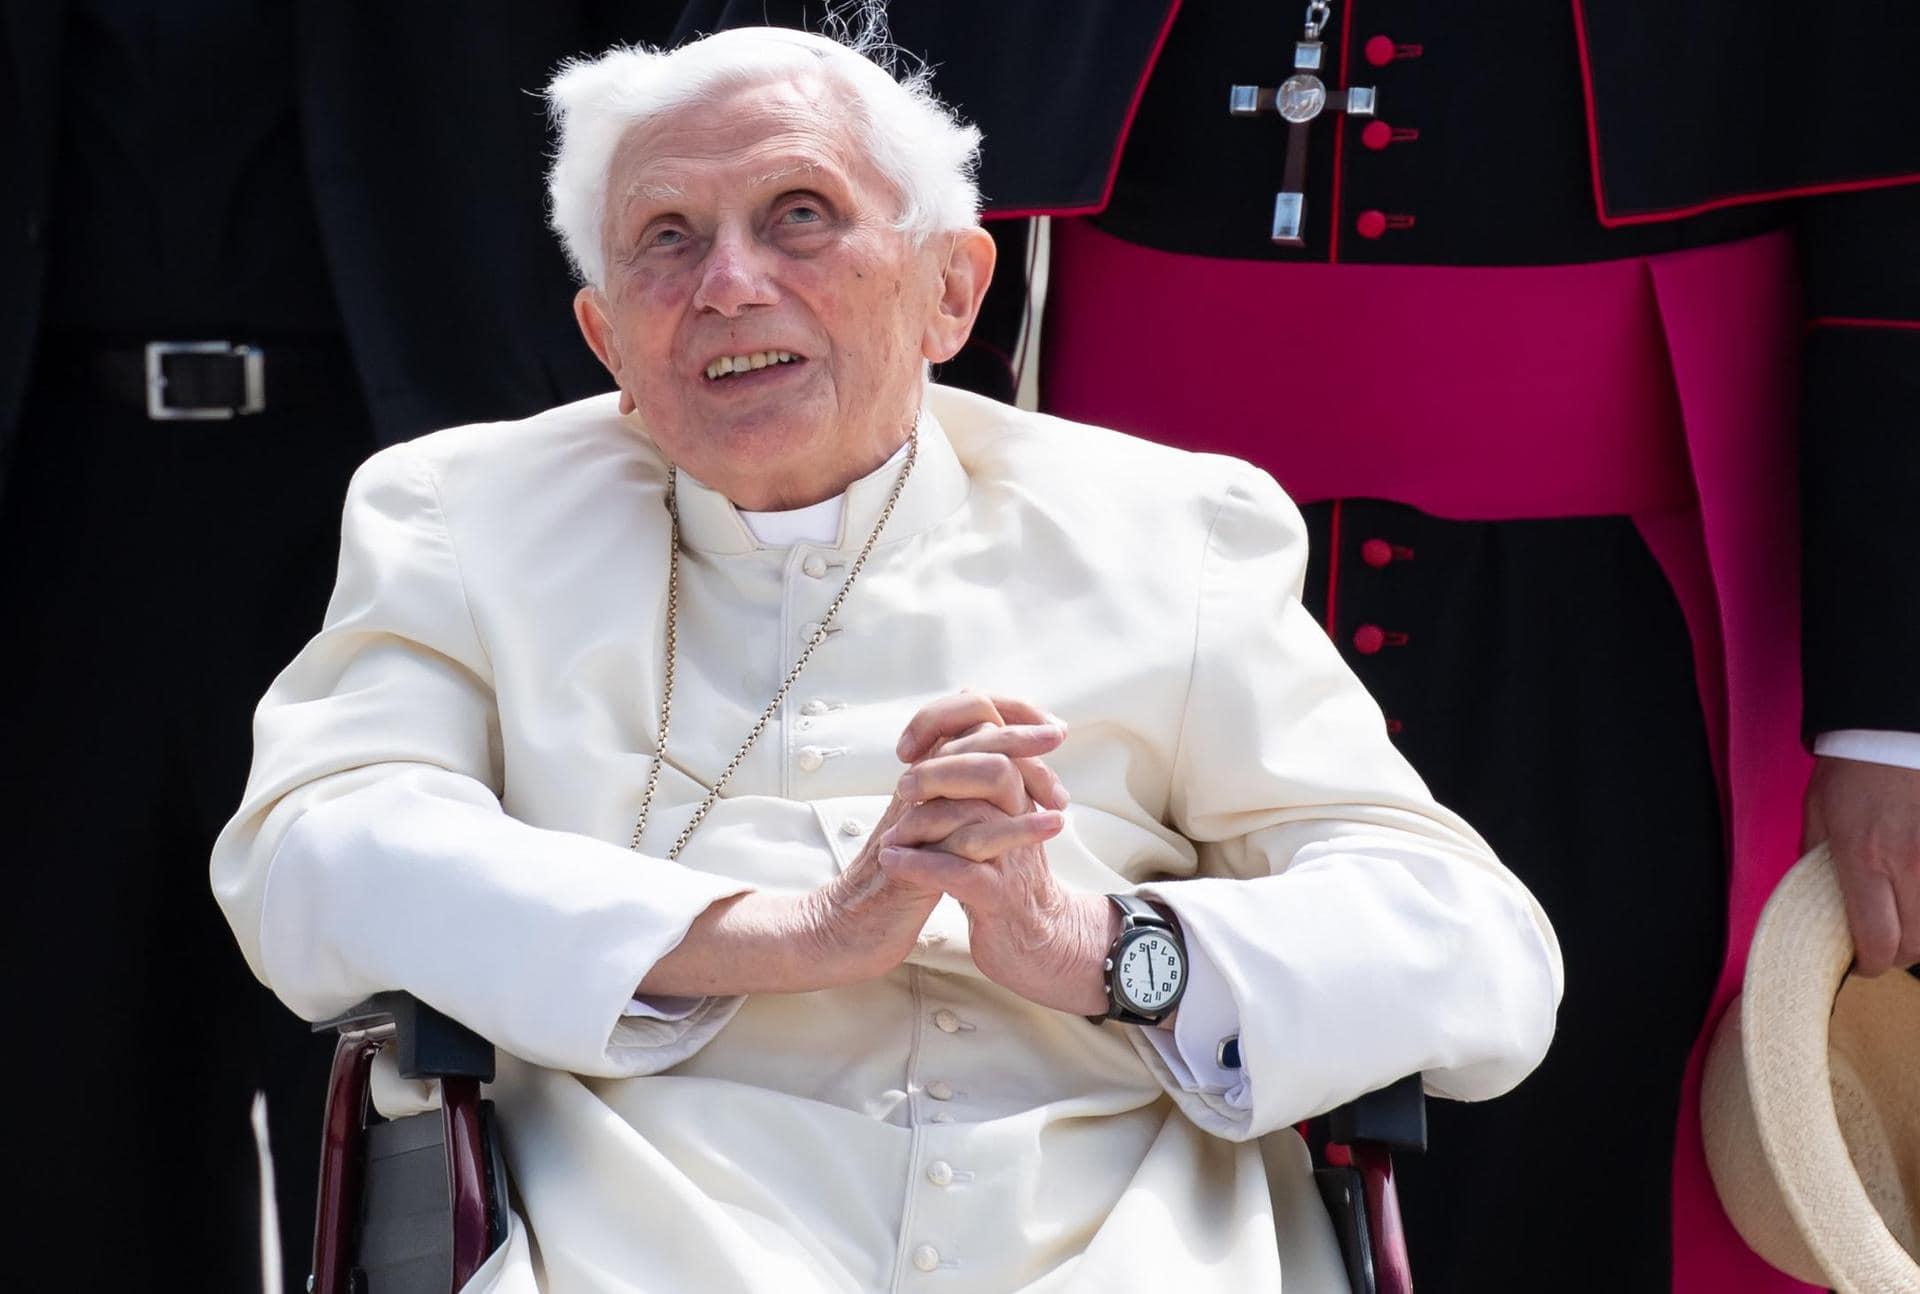 Benedikt XVI. geht mit kirchlichen Amtsträgern ins Gericht Katholische Kirche